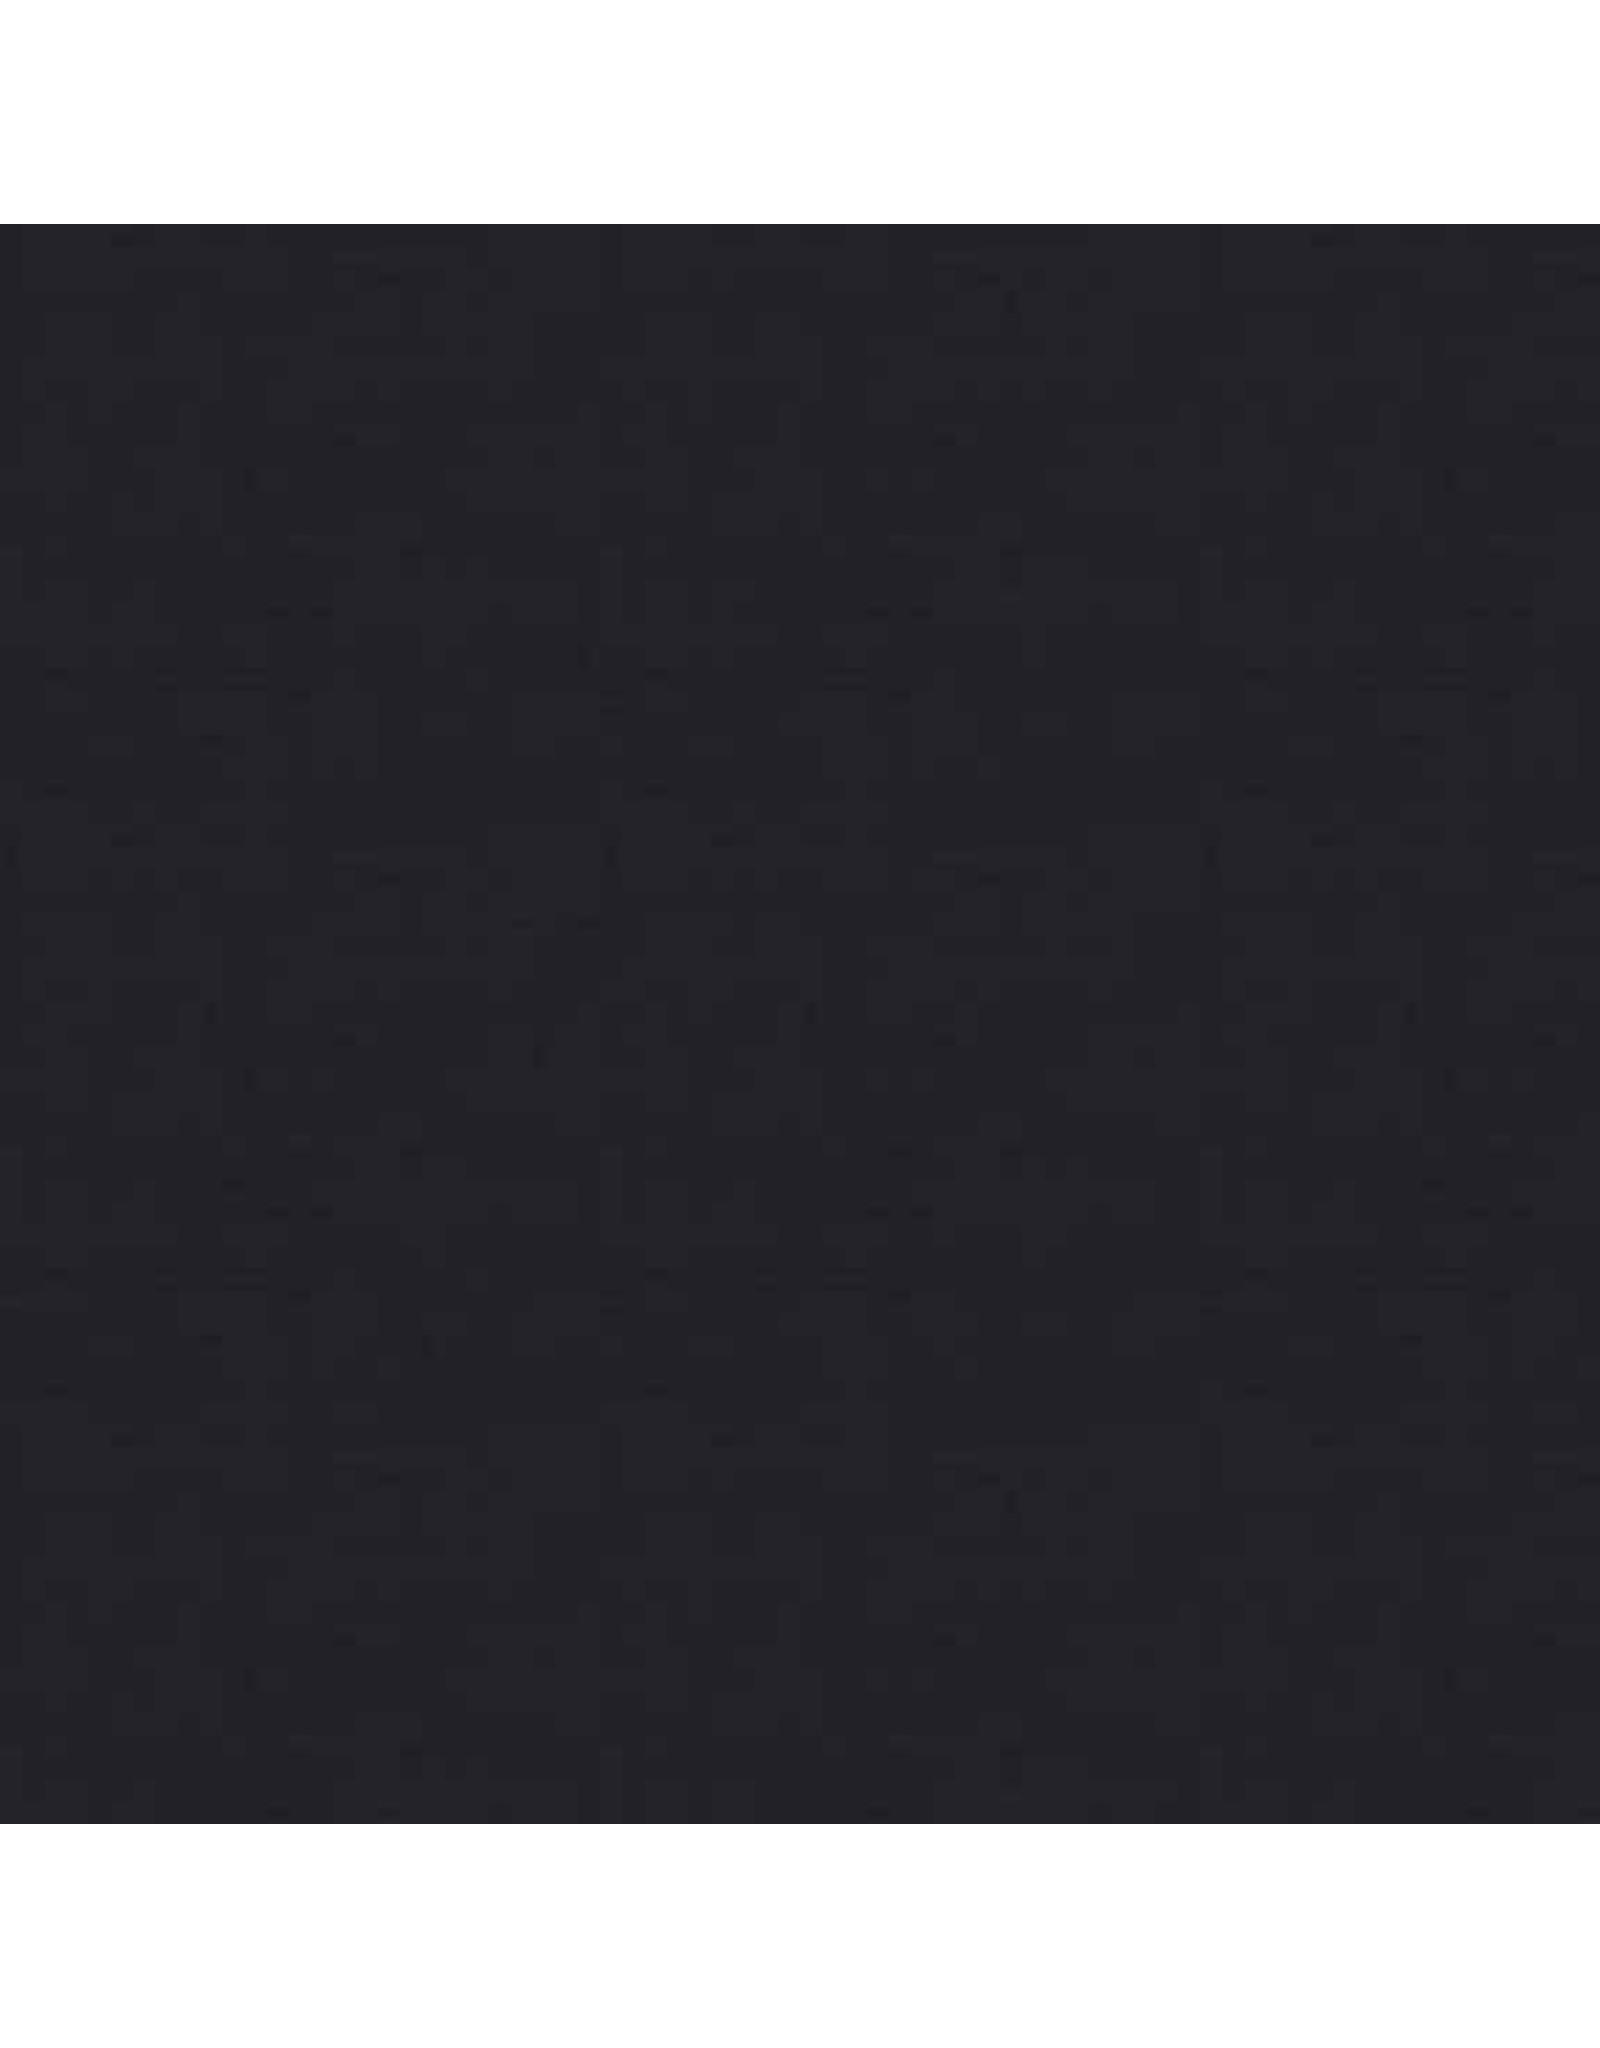 Makower UK Linen Texture - Black